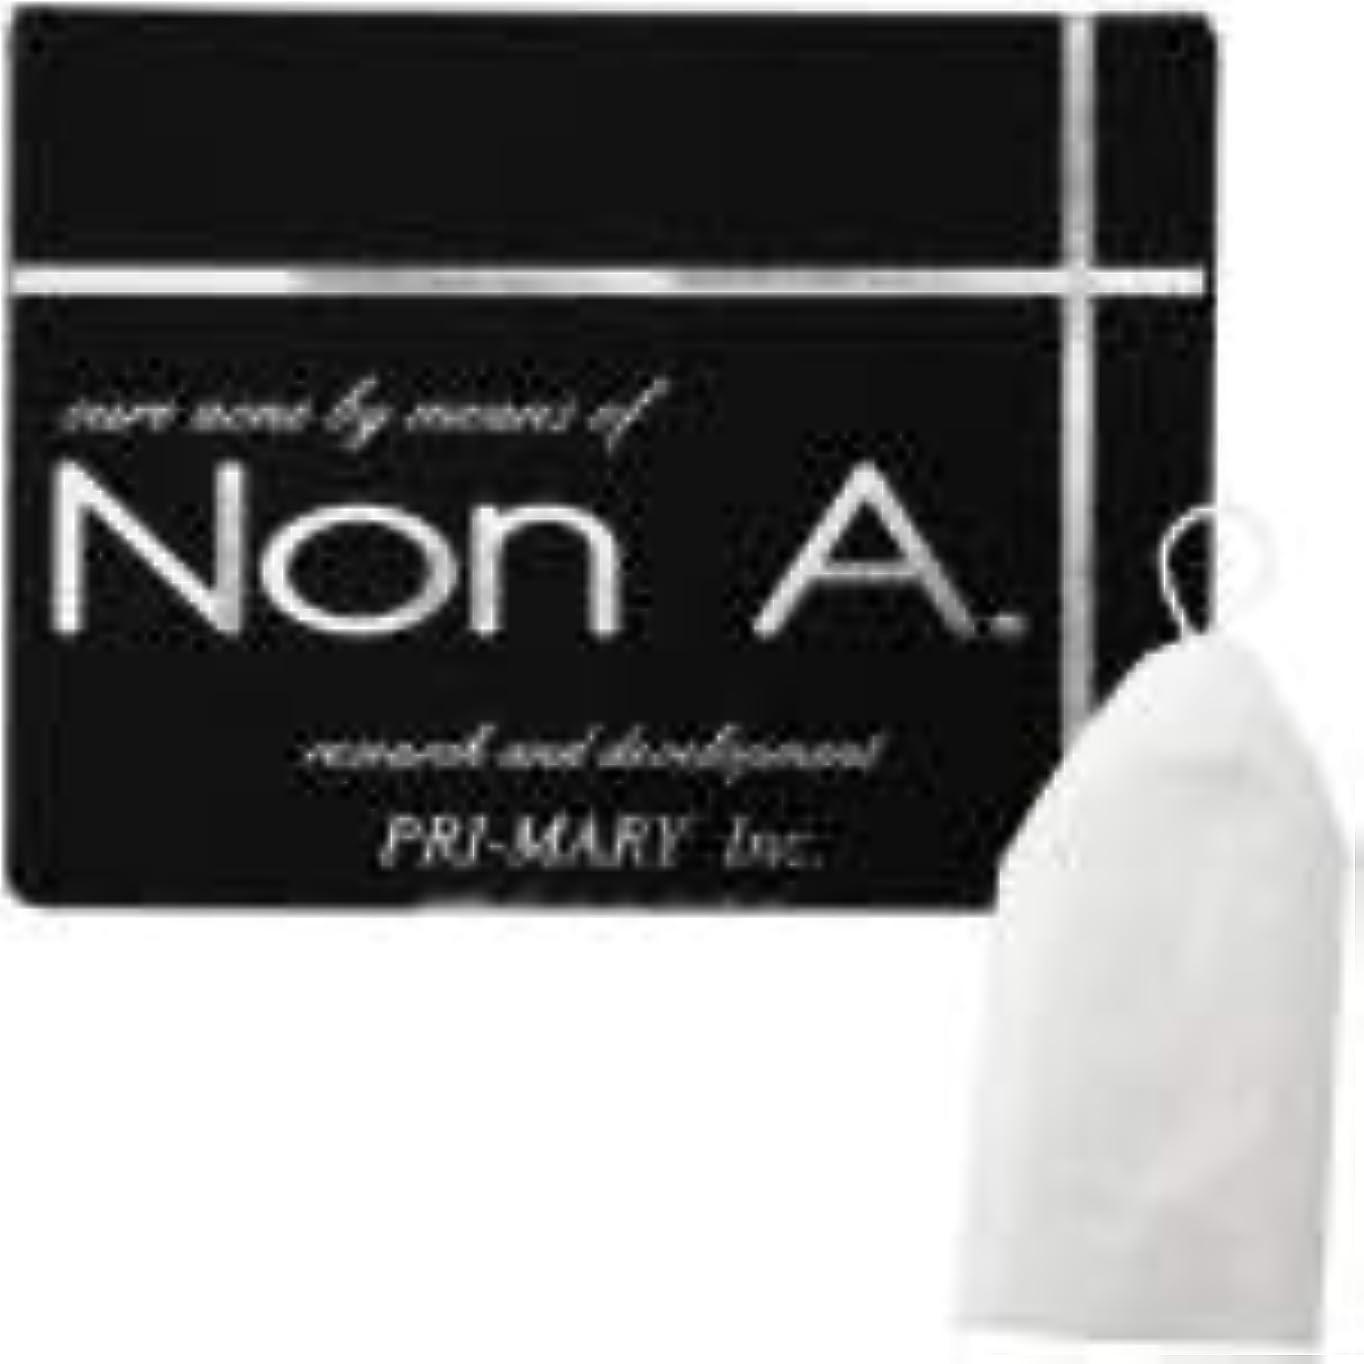 迷彩マイクロプロセッサ十分にNon A. (ノンエー) 洗顔ソープ [ ニキビ対策 / 100g / 洗顔泡立てネット付 ] 洗顔せっけん ピーリング成分不使用 (プライマリー)